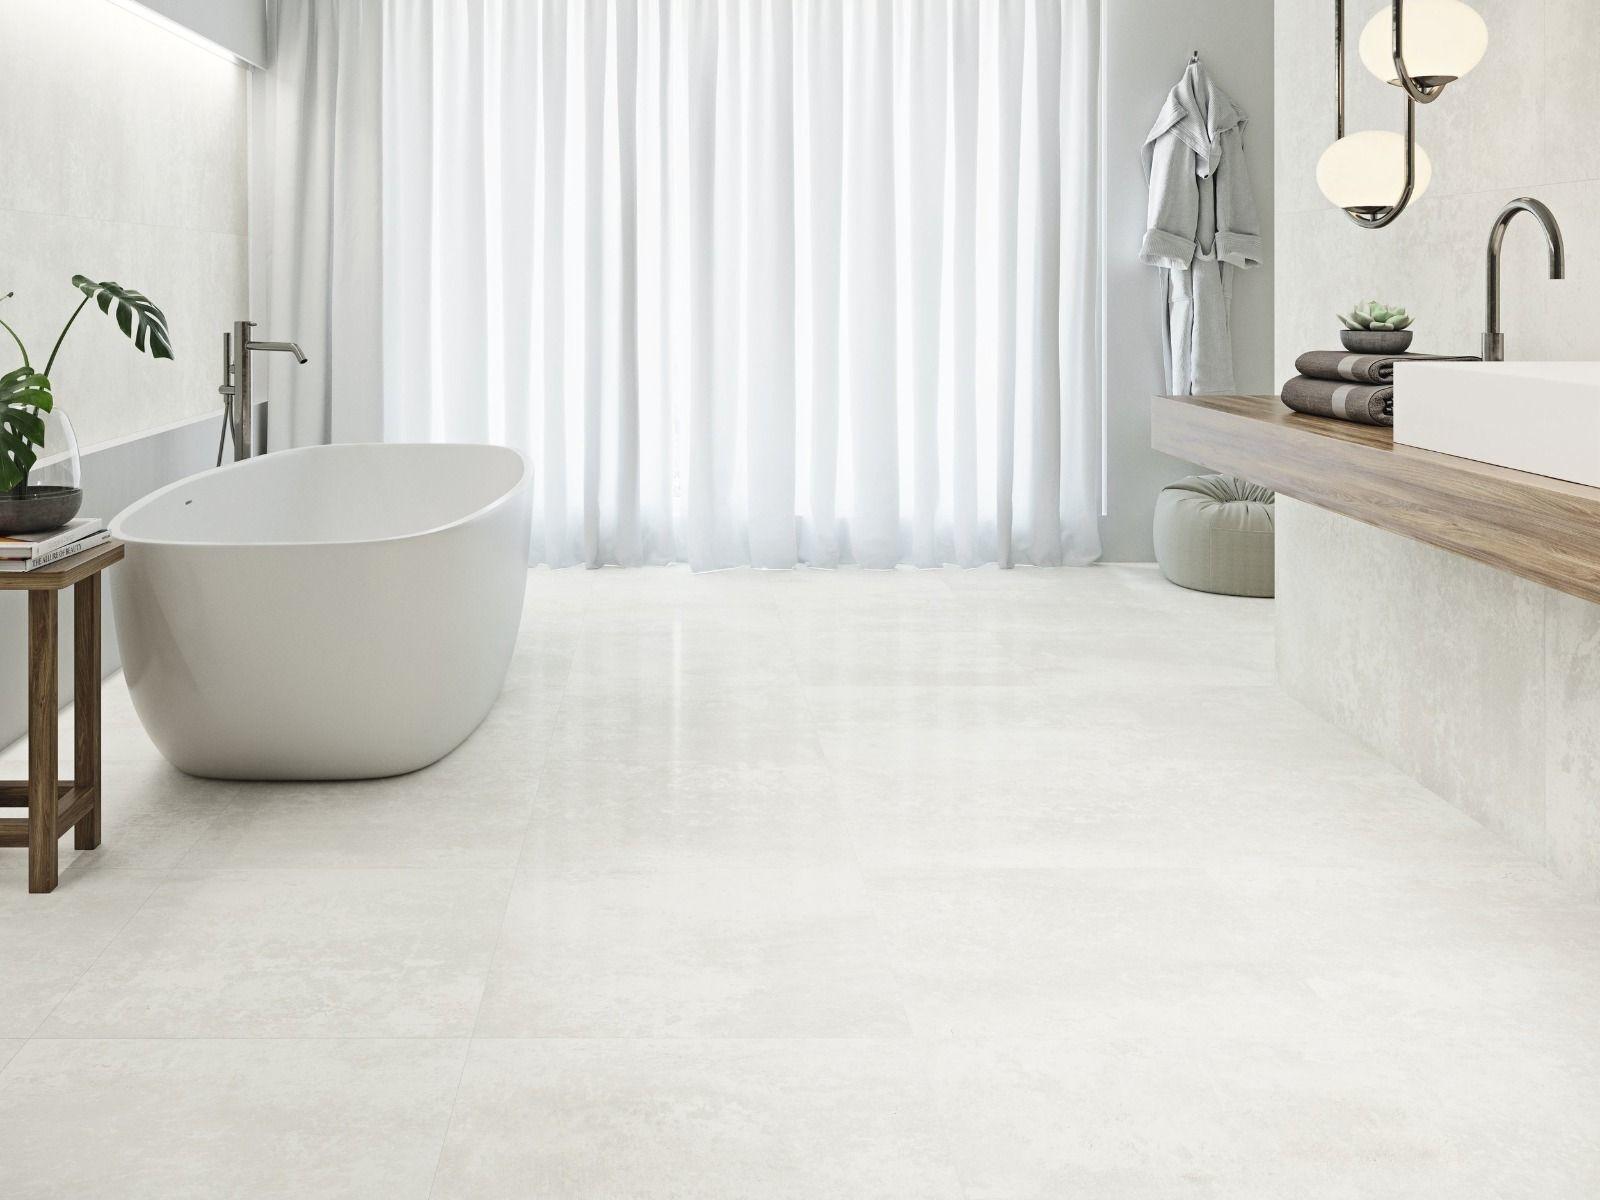 Burghley Stone Washed White Porcelain, White Stone Tile Bathroom